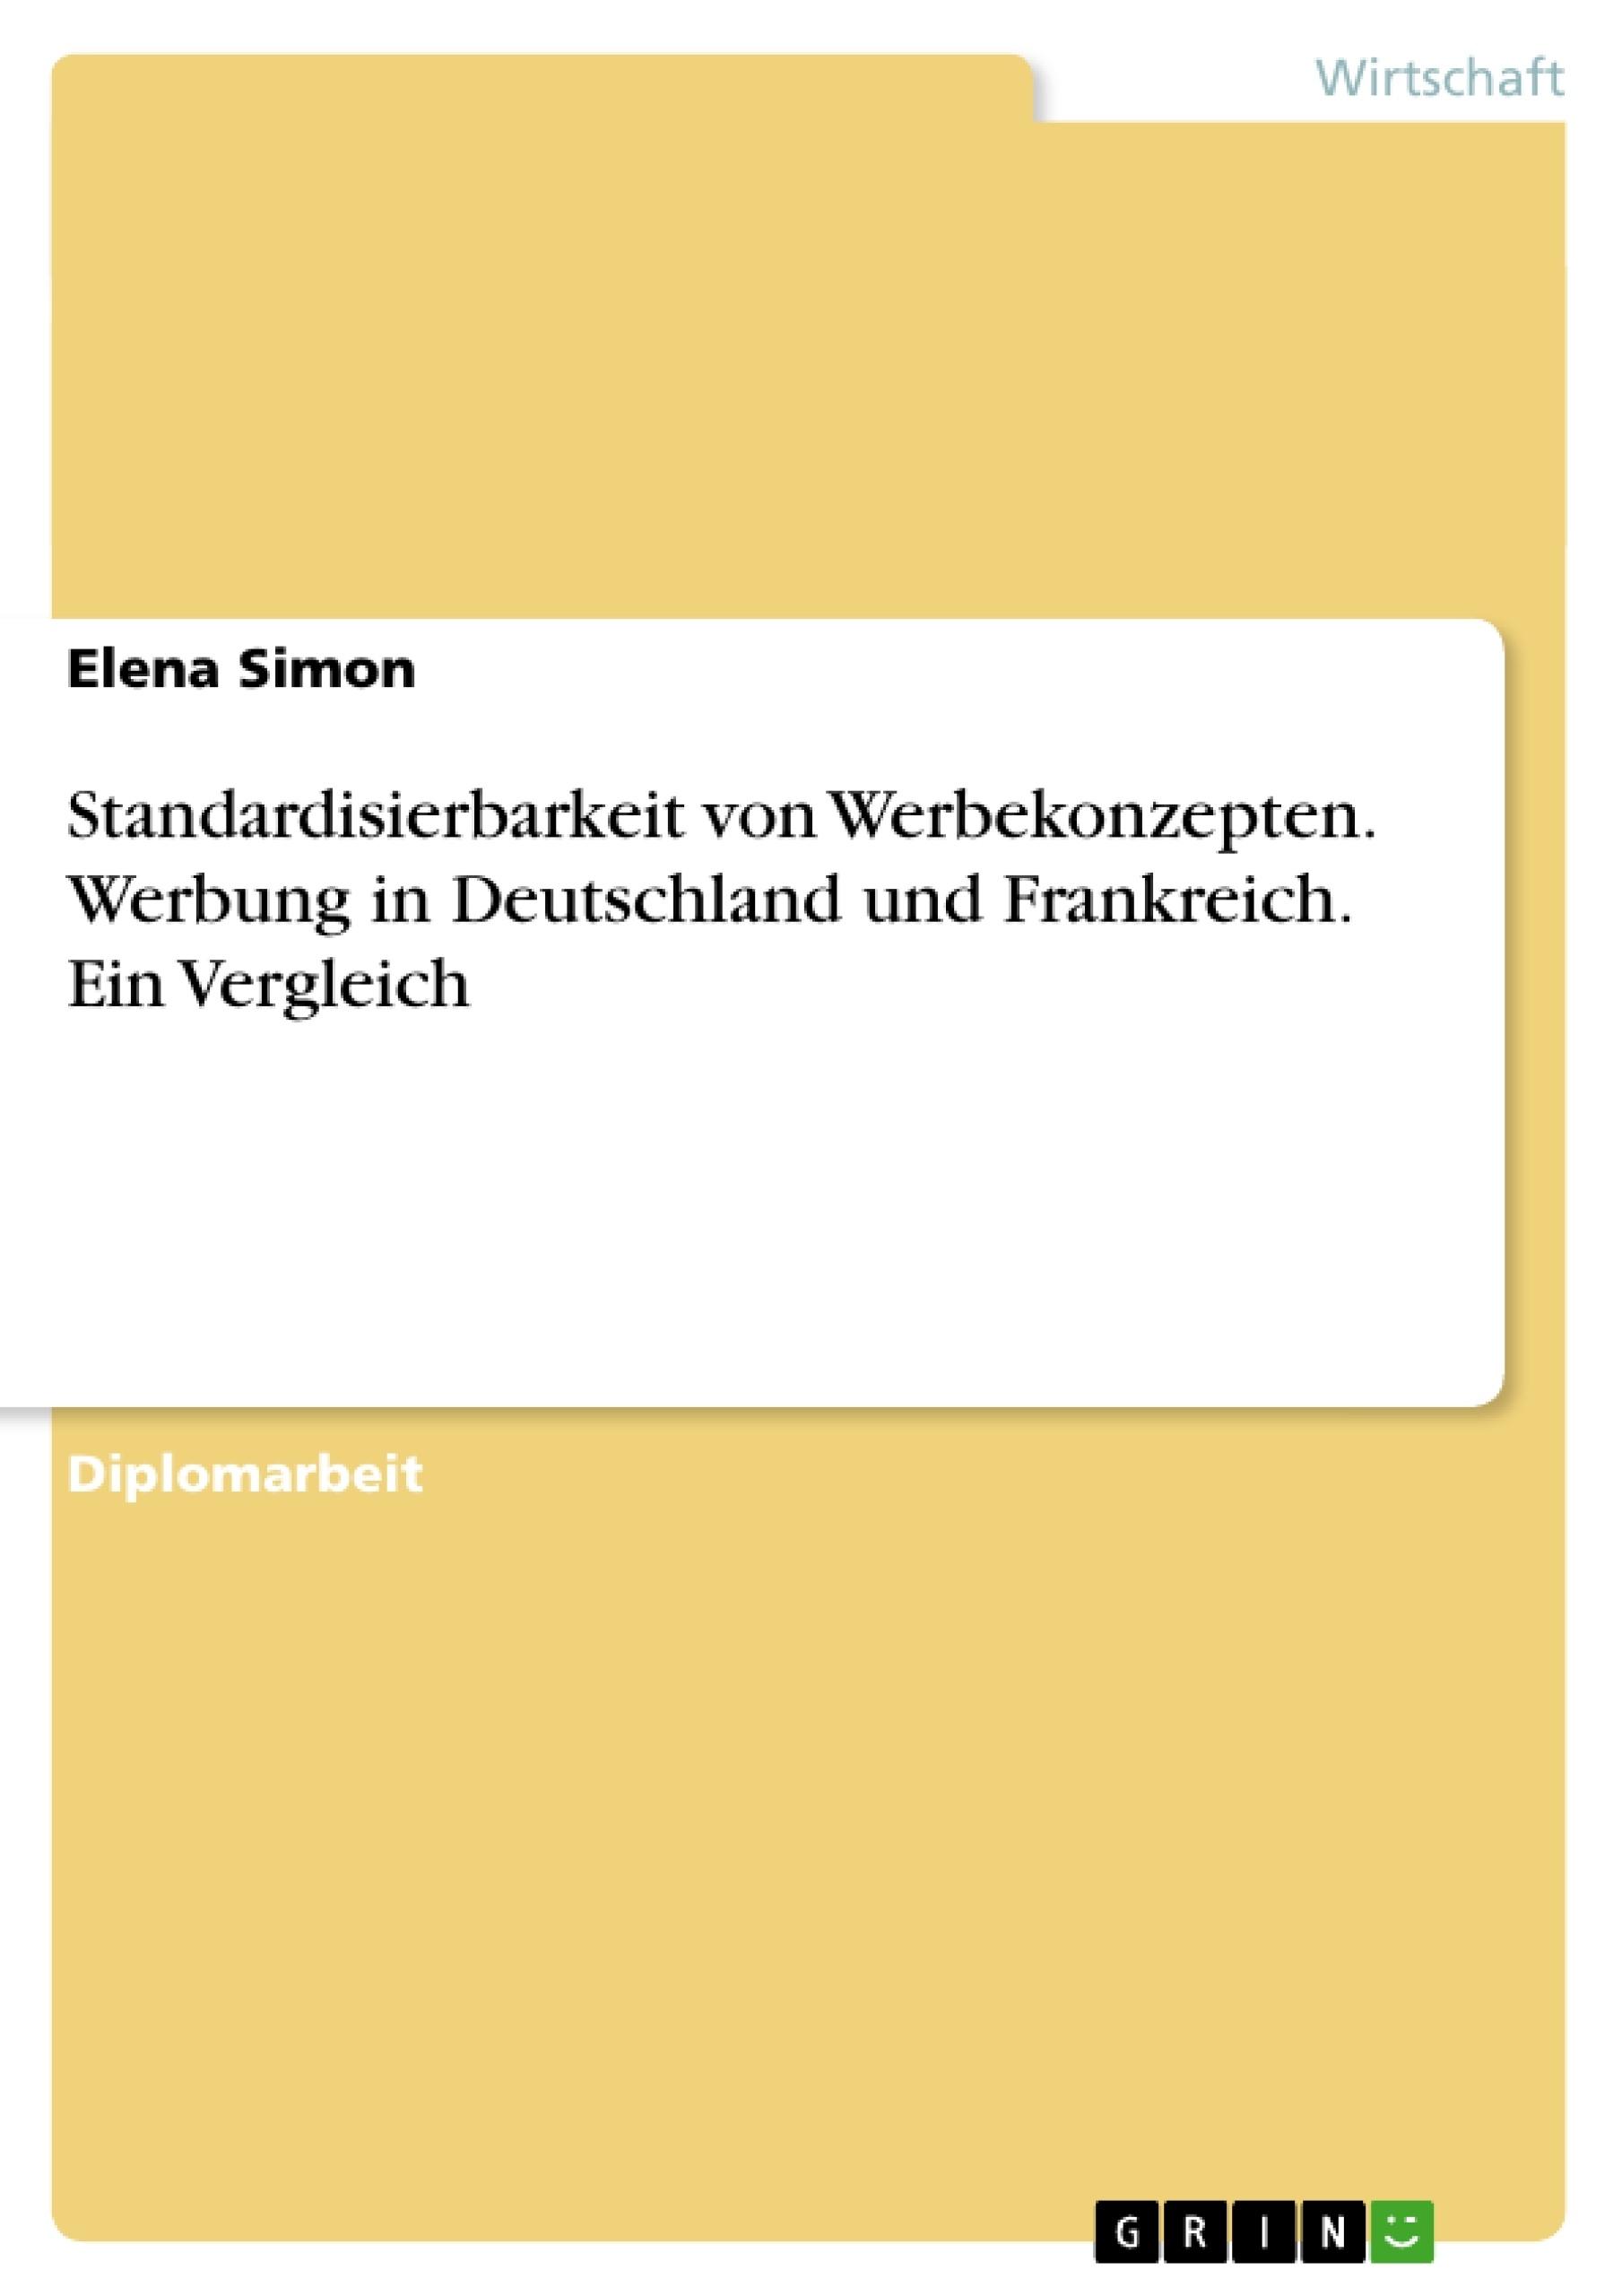 Titel: Standardisierbarkeit von Werbekonzepten. Werbung in Deutschland und Frankreich. Ein Vergleich